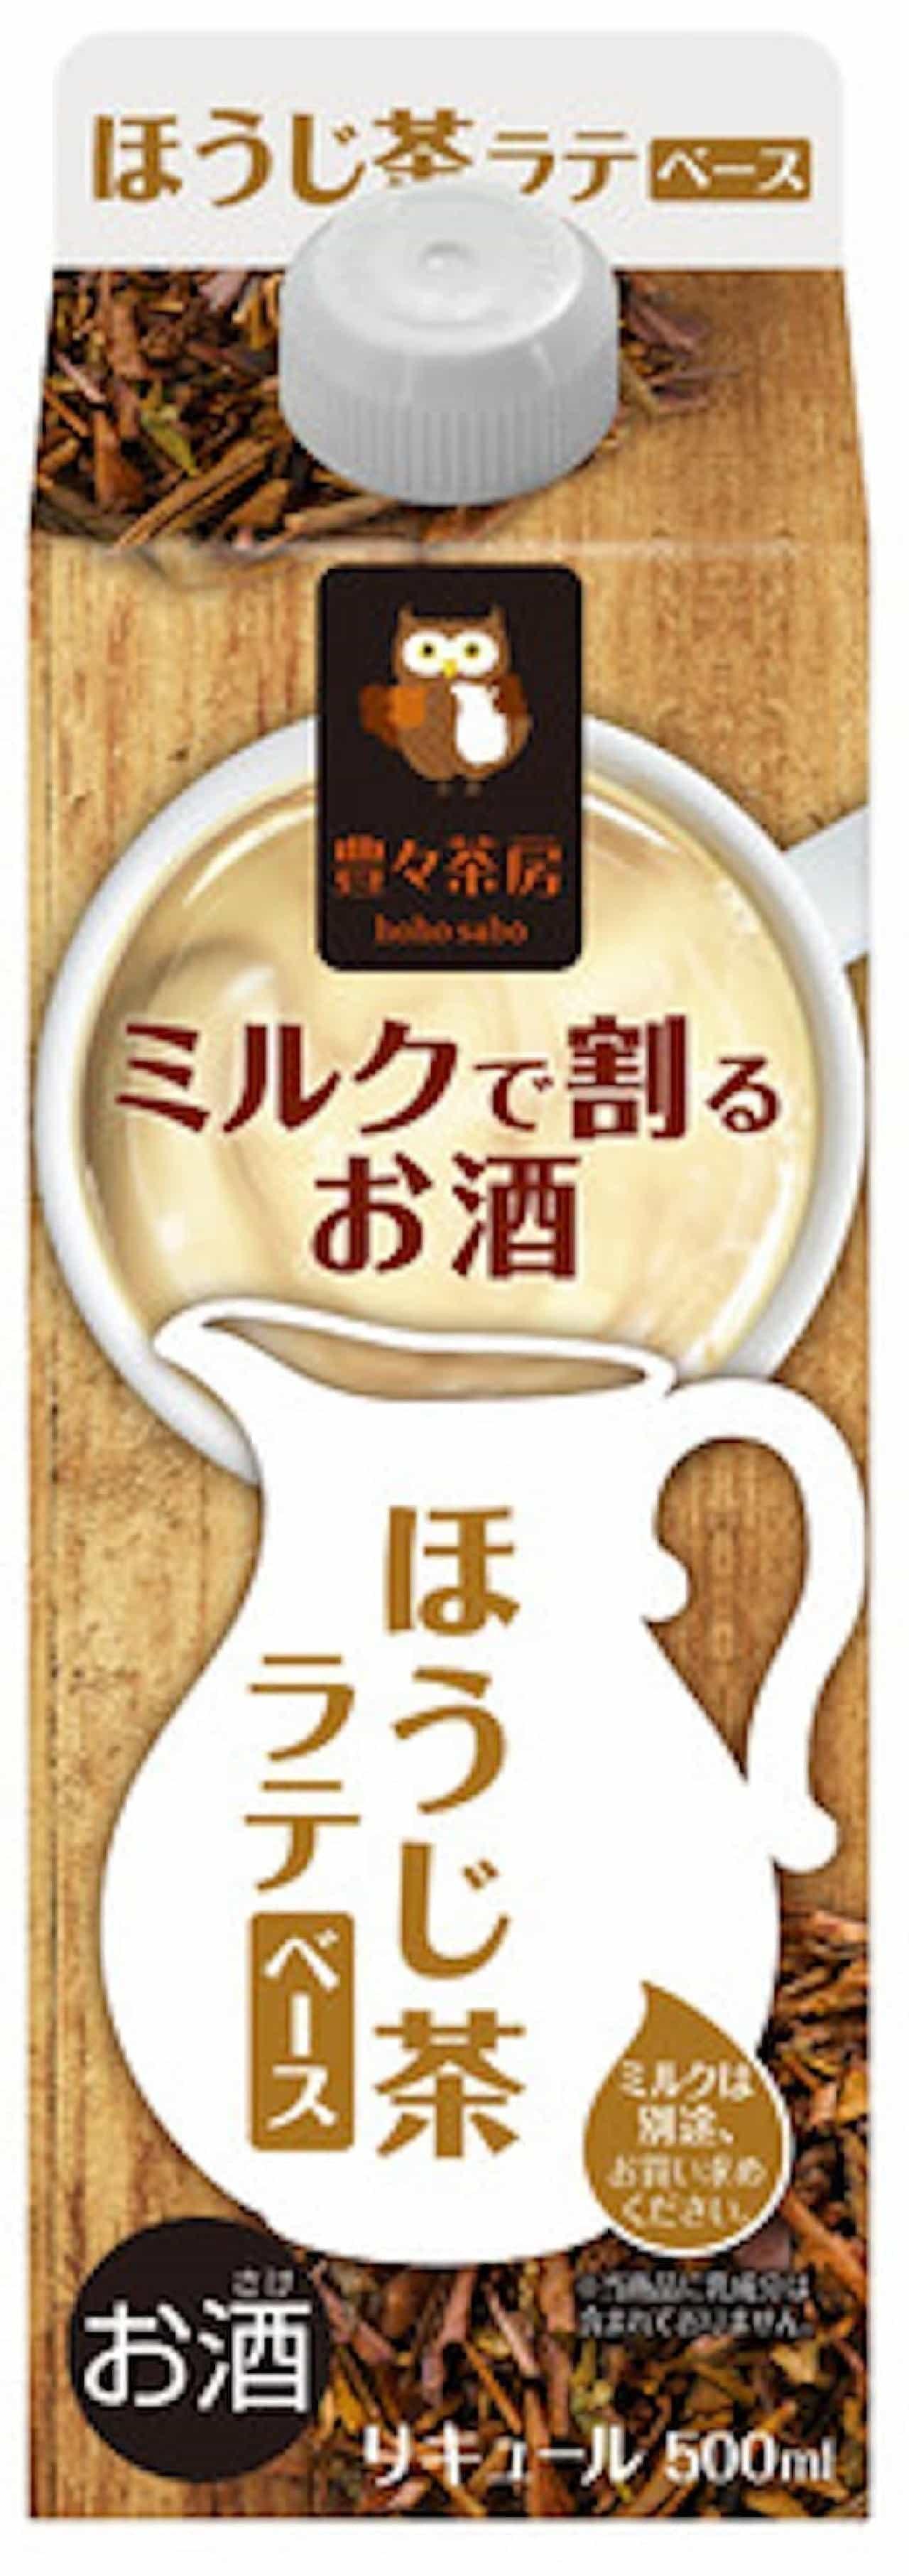 ほうじ茶のお酒「ミルクで割るお酒 豊々茶房(ほーほーさぼう) ほうじ茶ラテ」